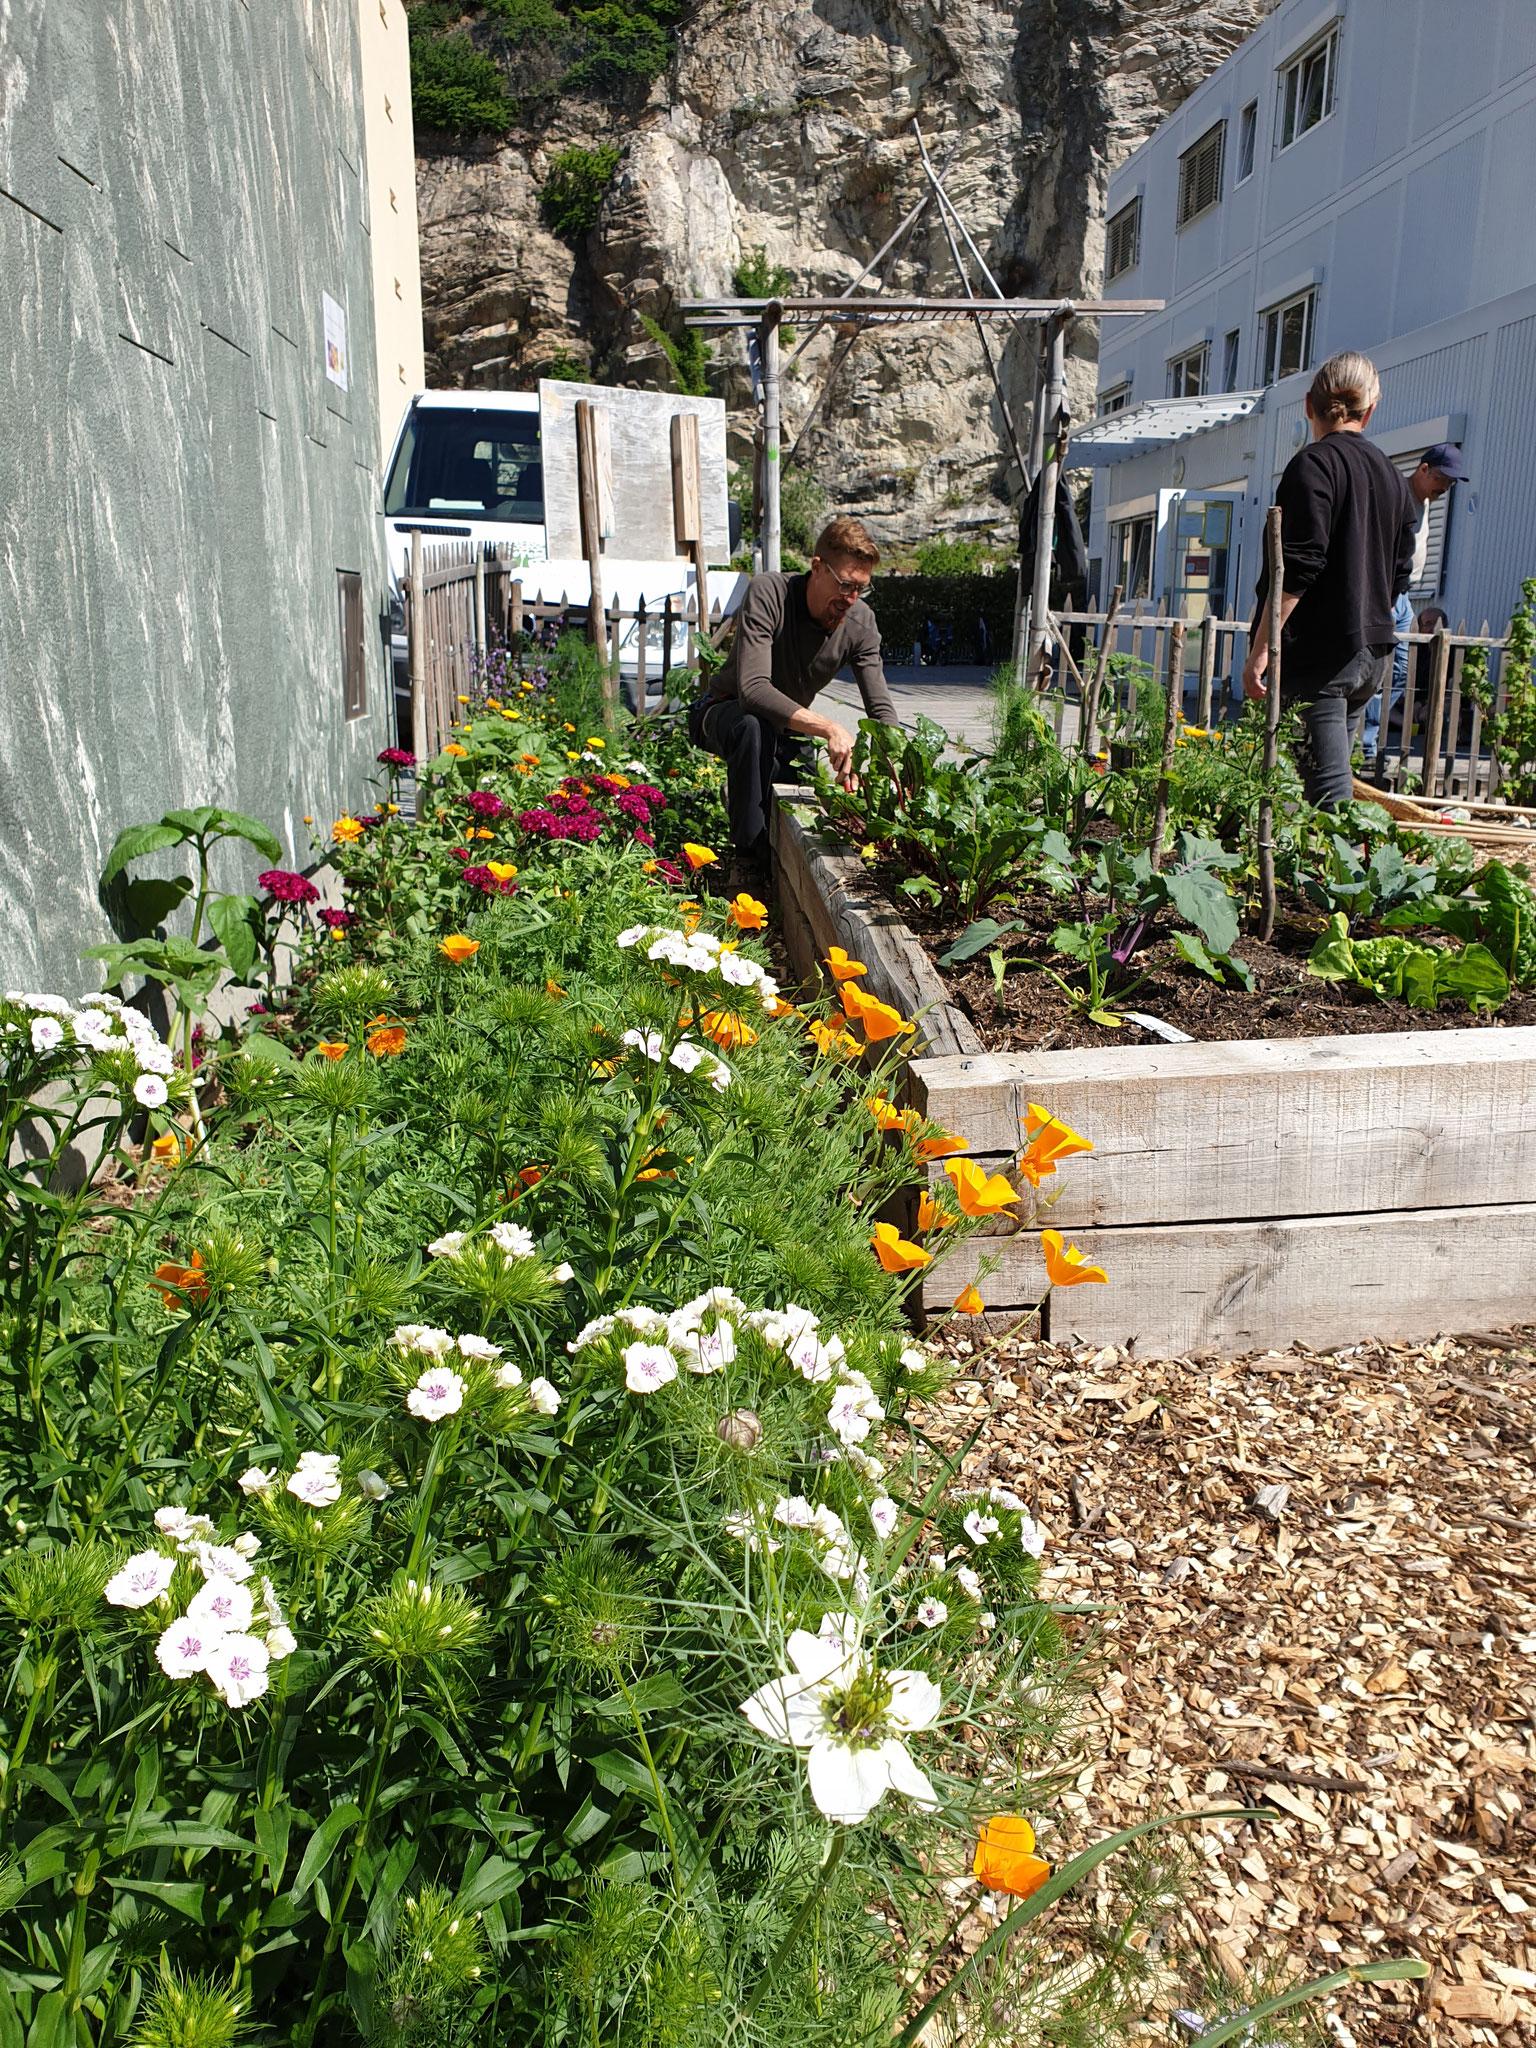 Pour le plaisir des yeux, venez admirer le jardin du Scex qui offre un spectacle coloré.